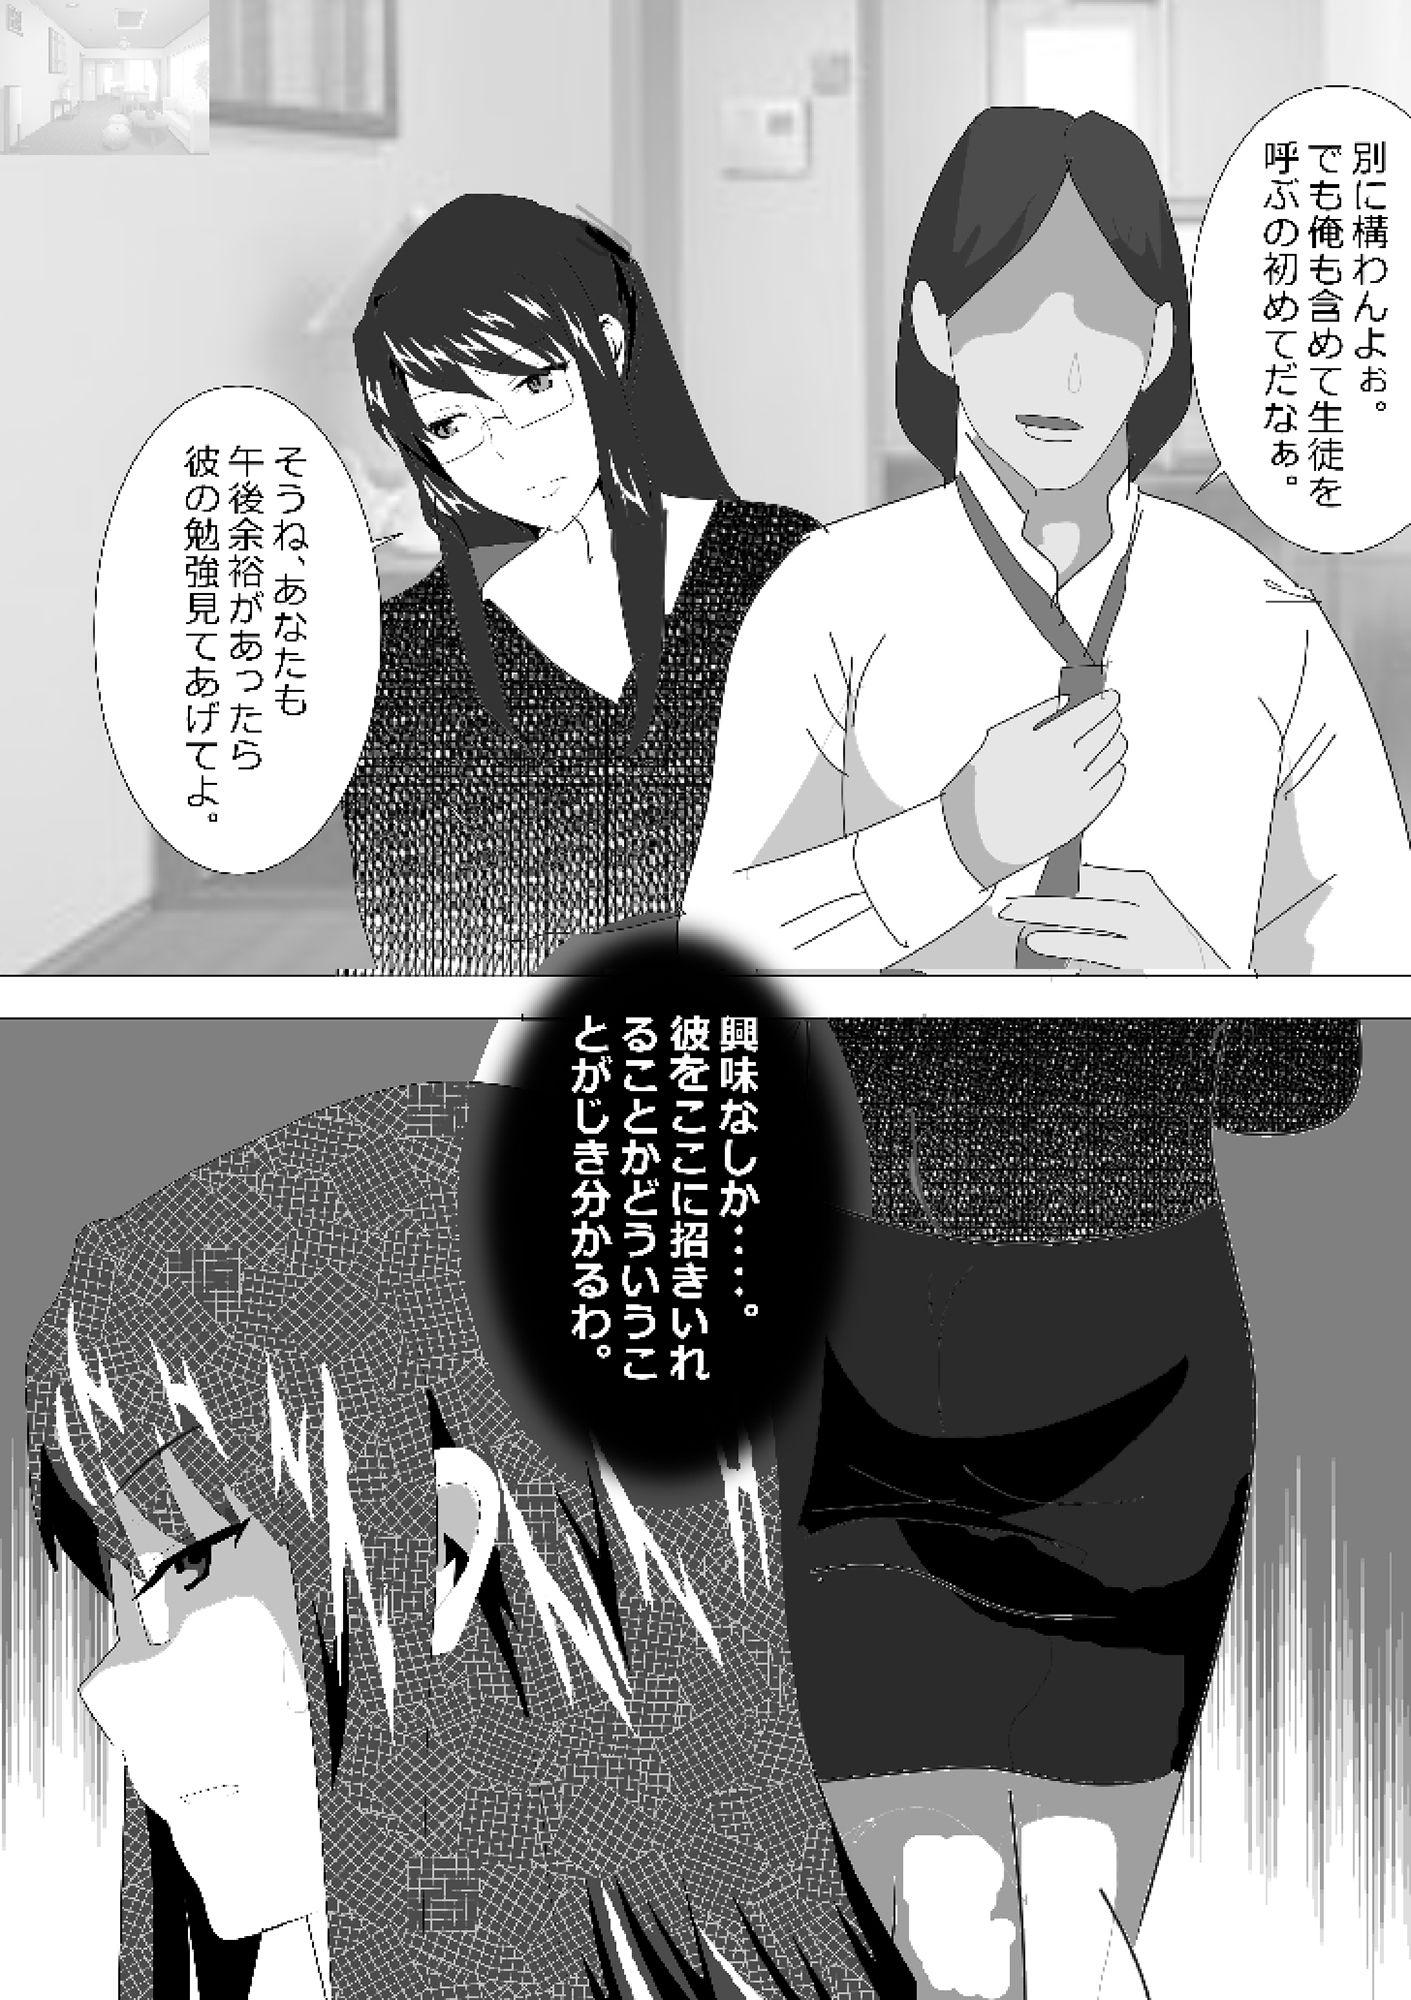 サンプル画像1:寝取られ女教師 2021 2nd(北松屋) [d_194152]